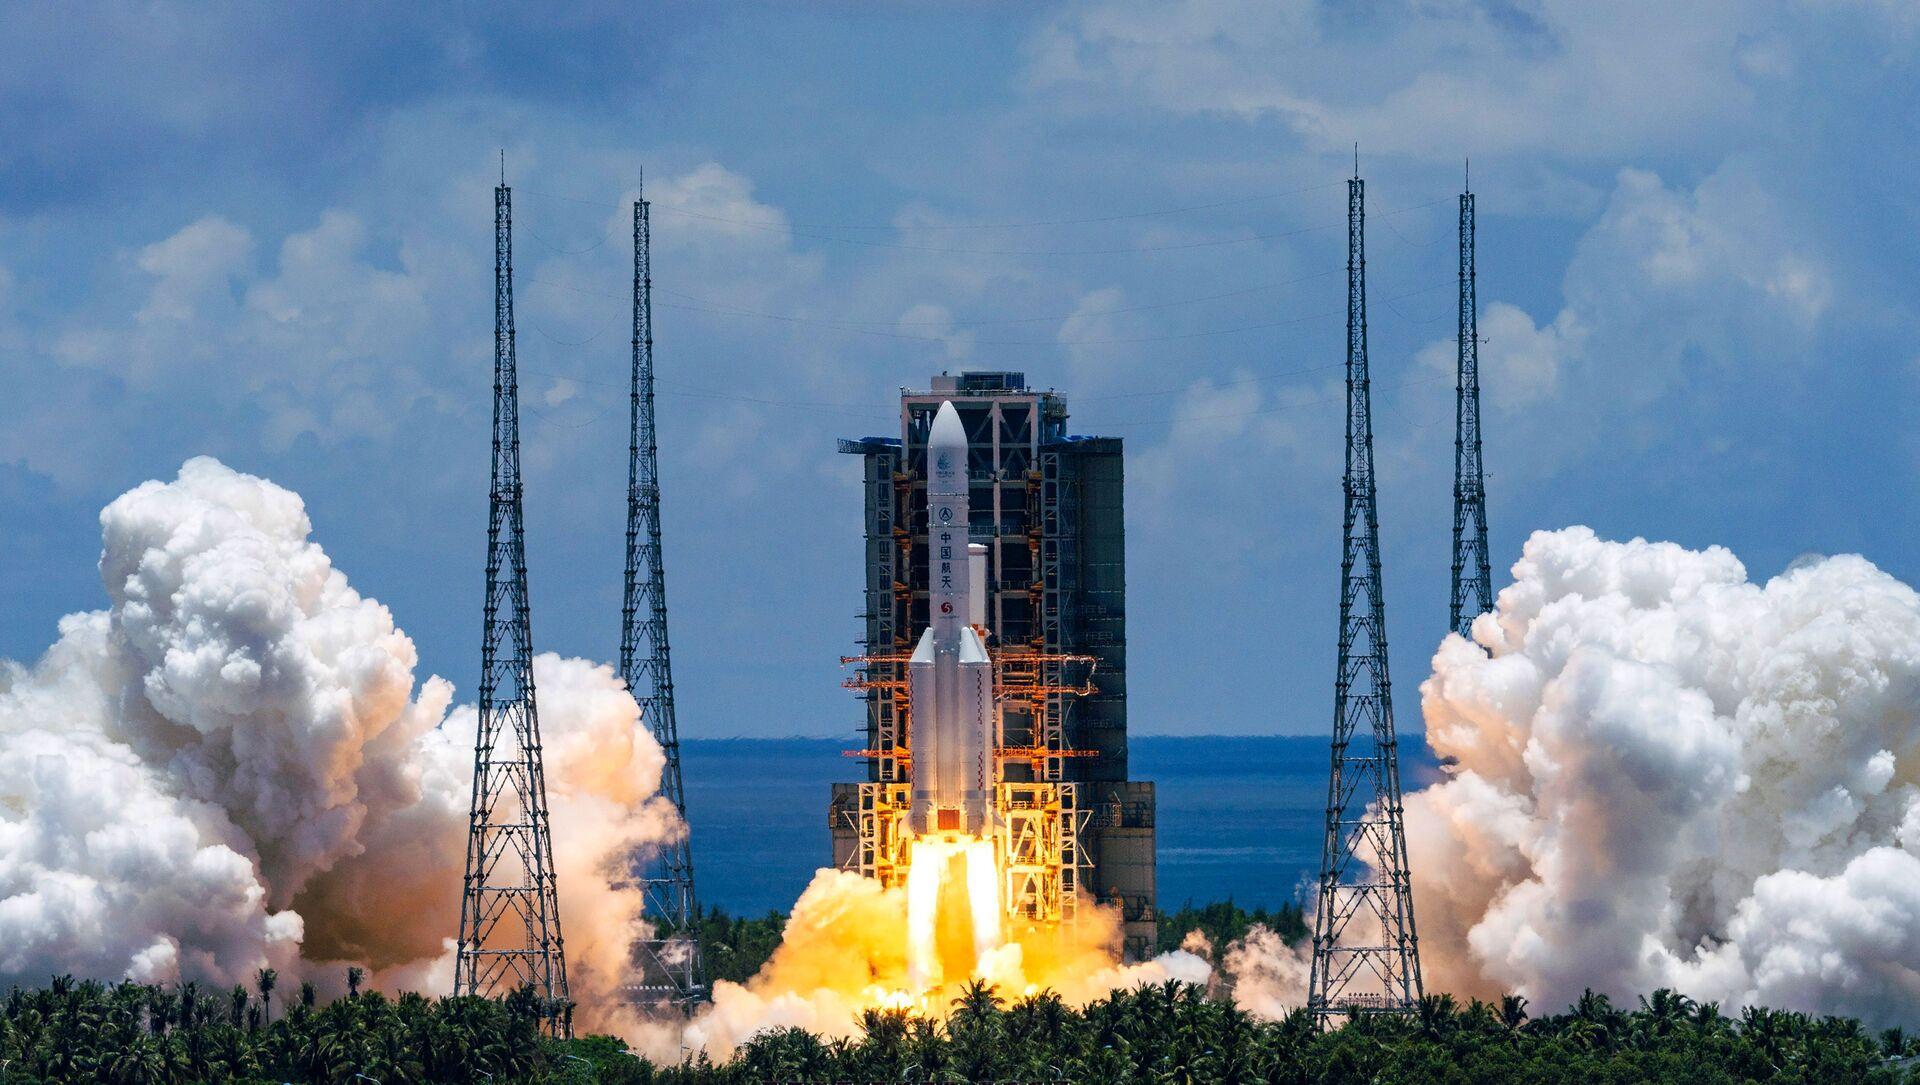 Tên lửa hạng nặng Changzheng 5 với tàu thăm dò sao Hỏa Tianwen 1 đầu tiên của Trung Quốc phóng từ sân bay vũ trụ Wenchang, Trung Quốc. - Sputnik Việt Nam, 1920, 08.05.2021